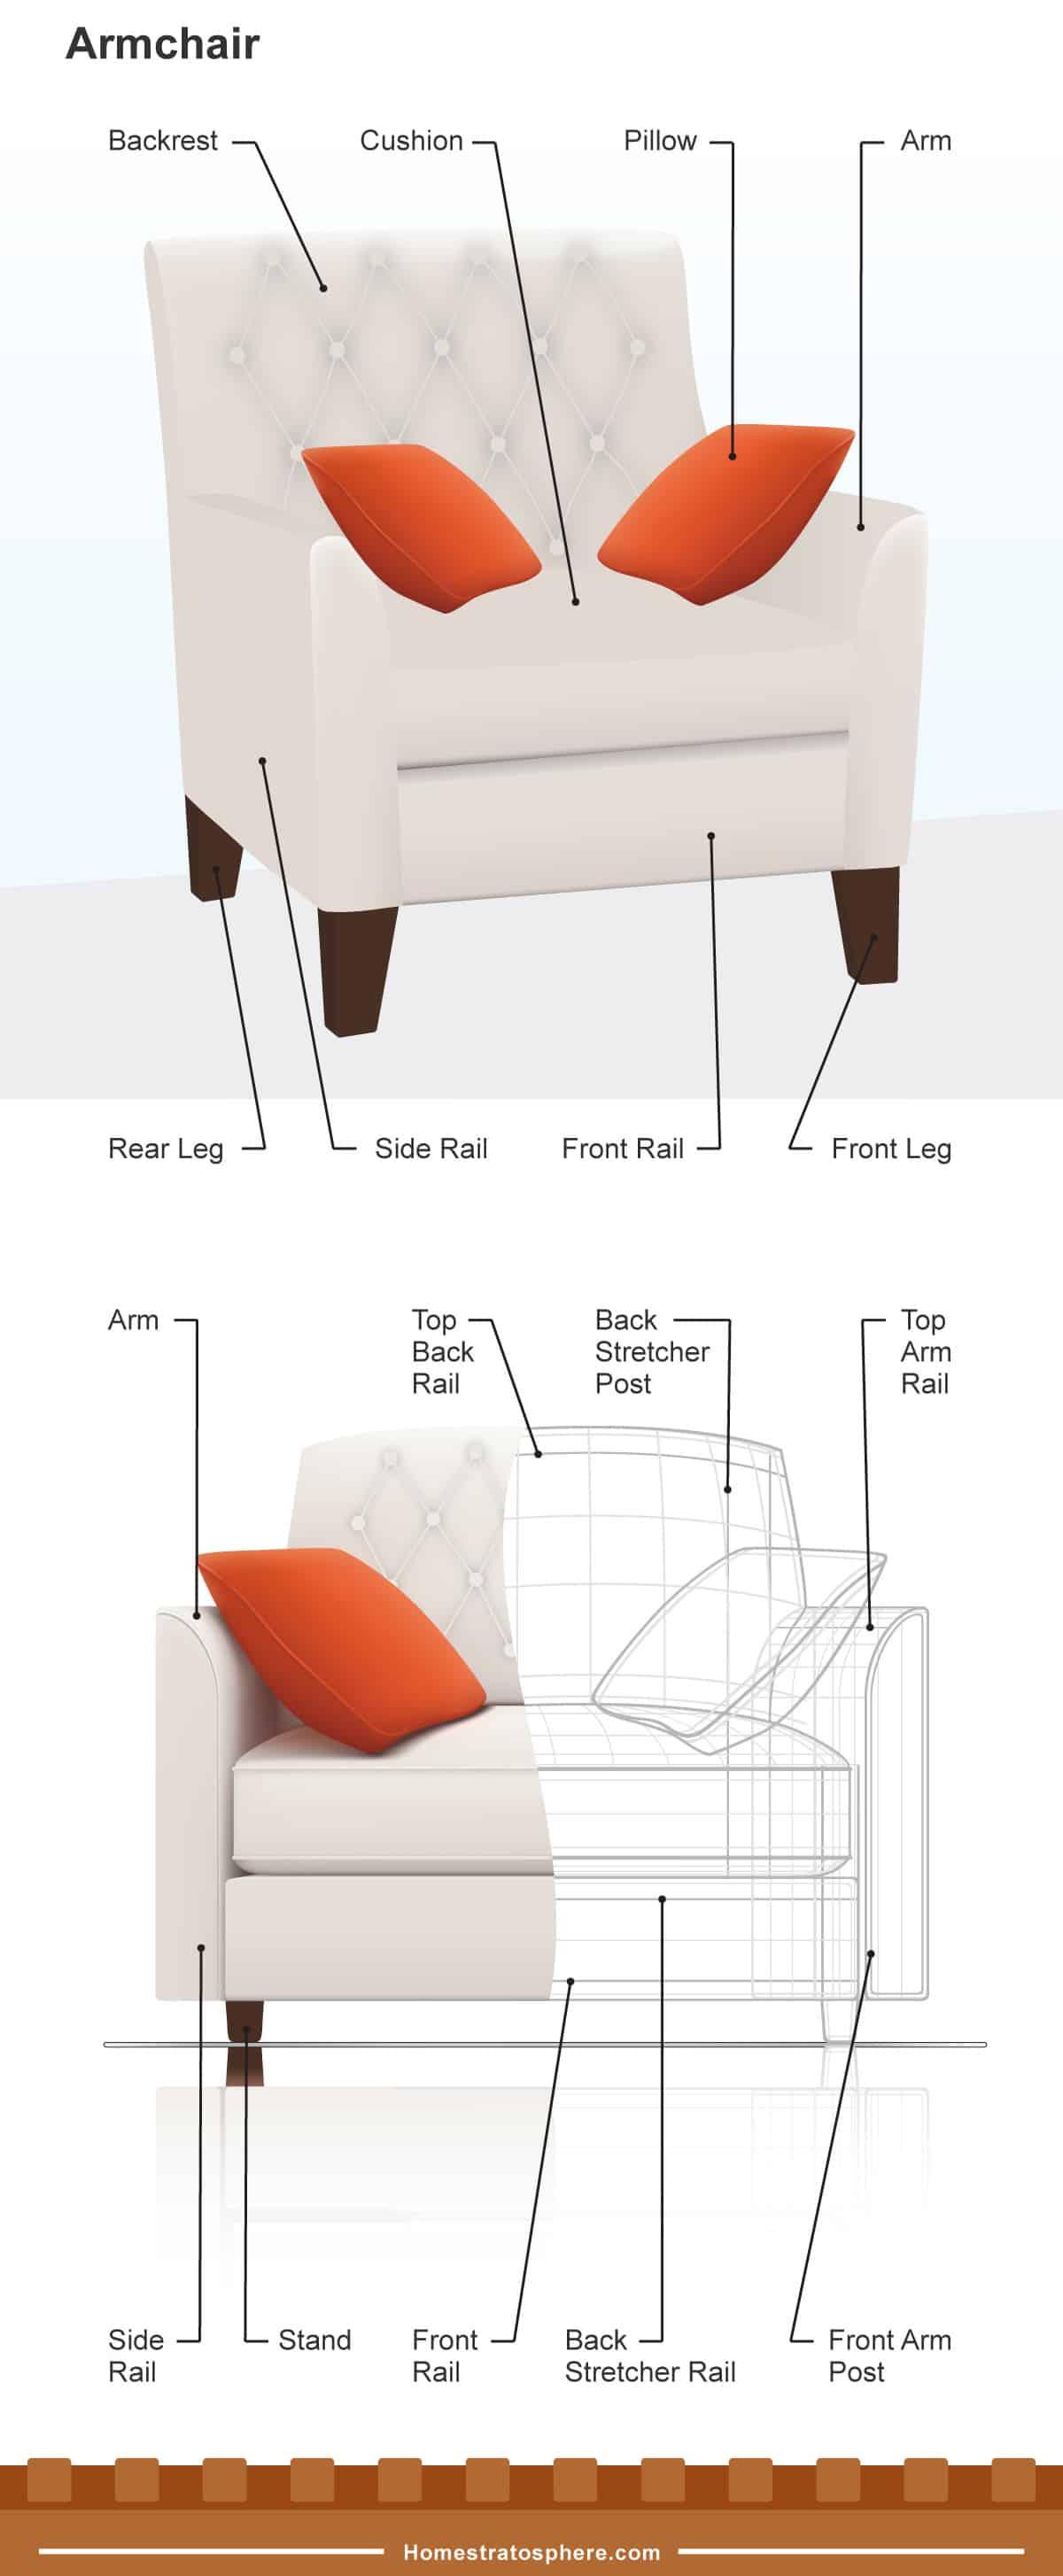 Anatomy of an armchair (Diagram)